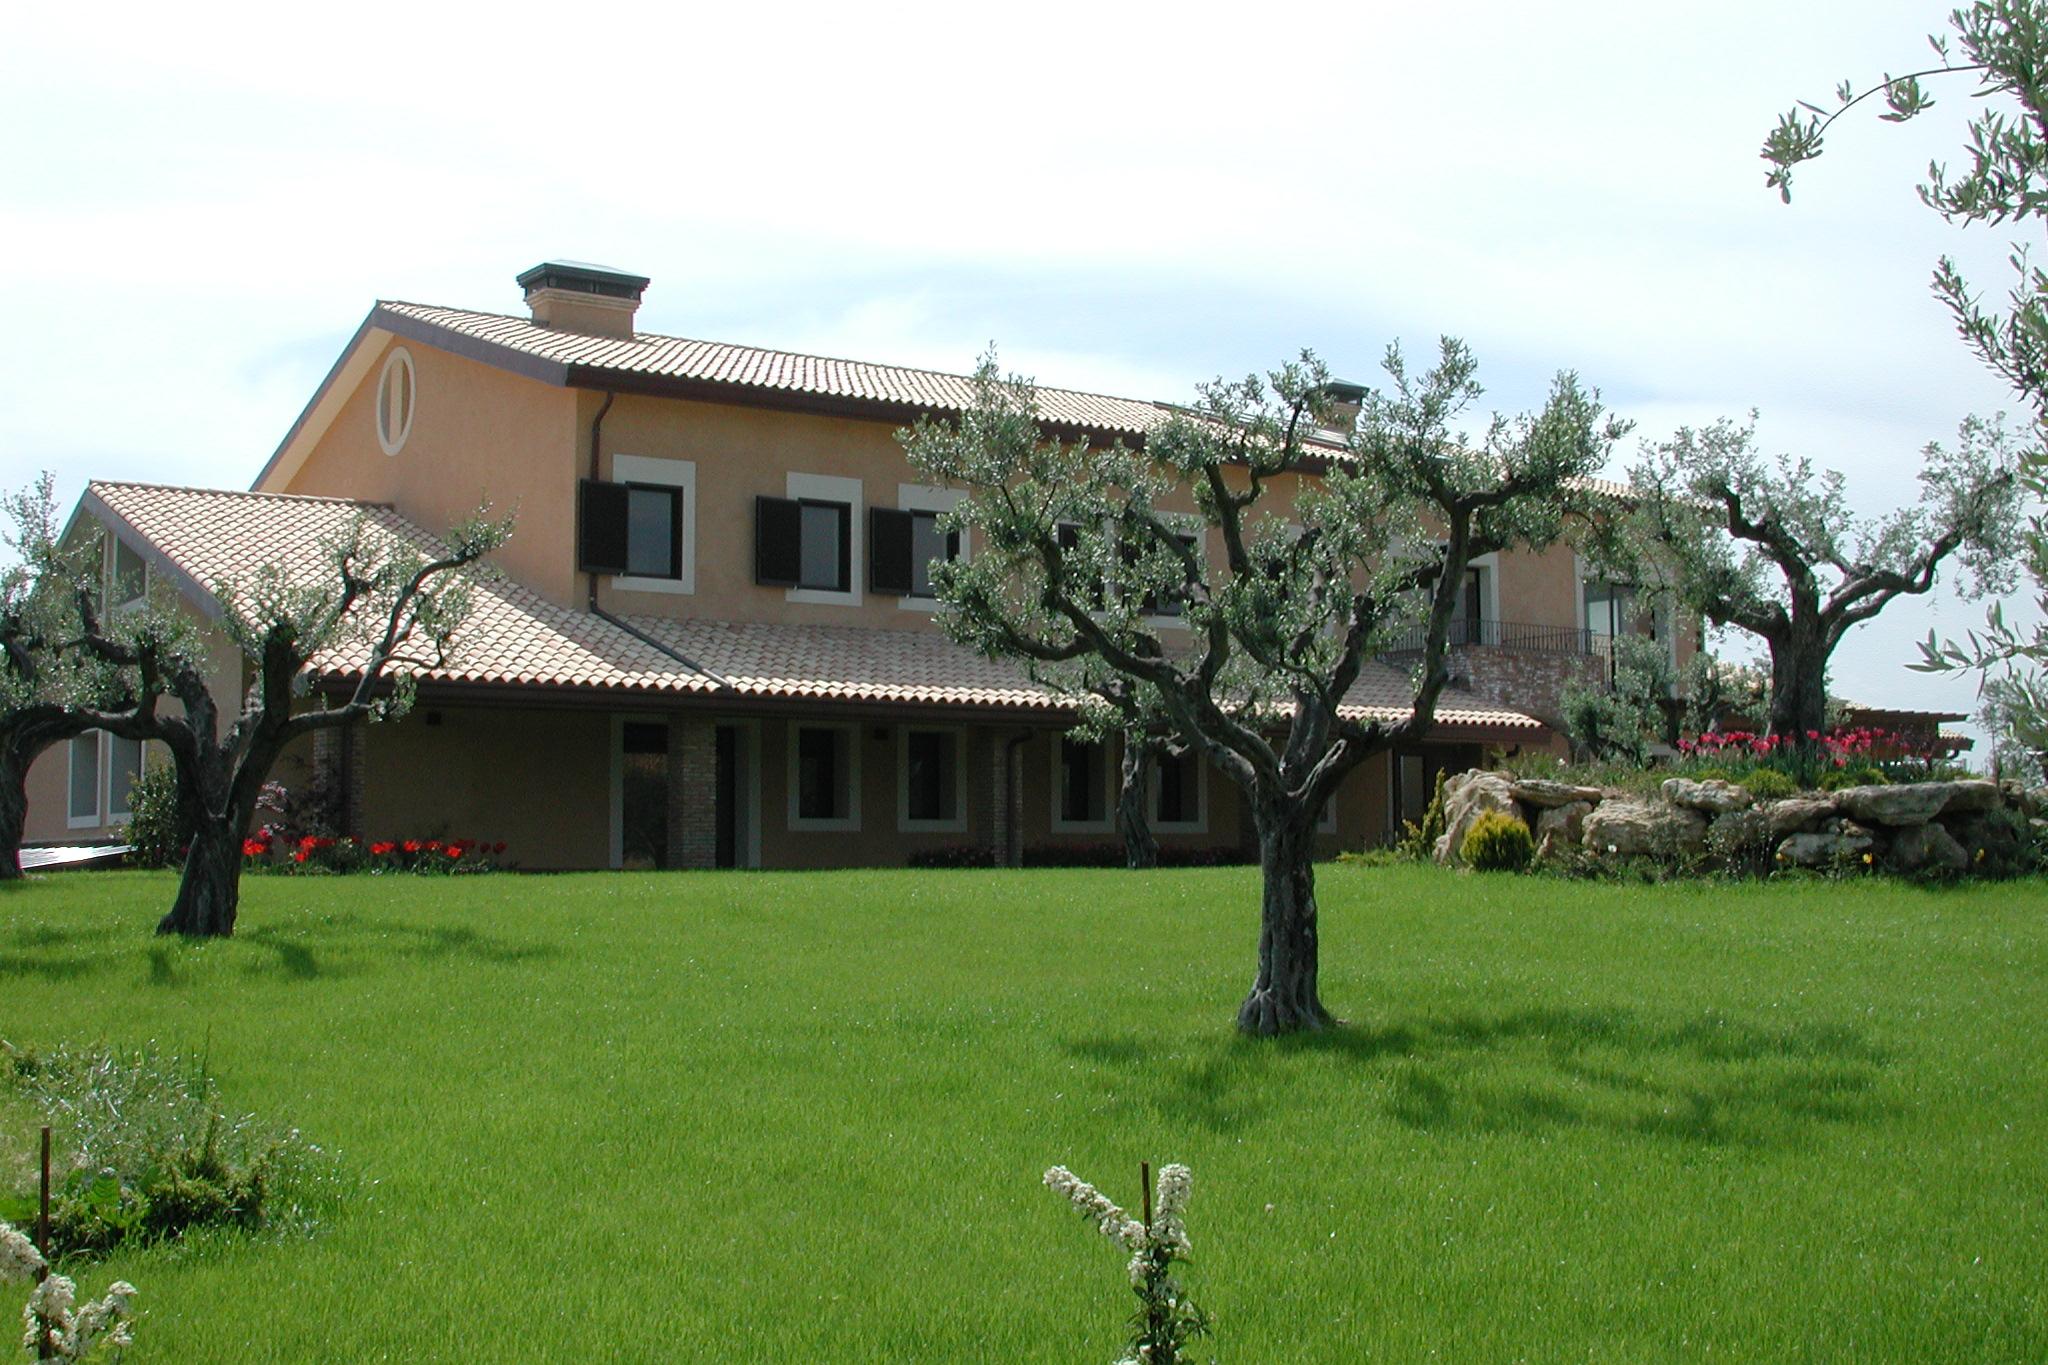 casacantina15